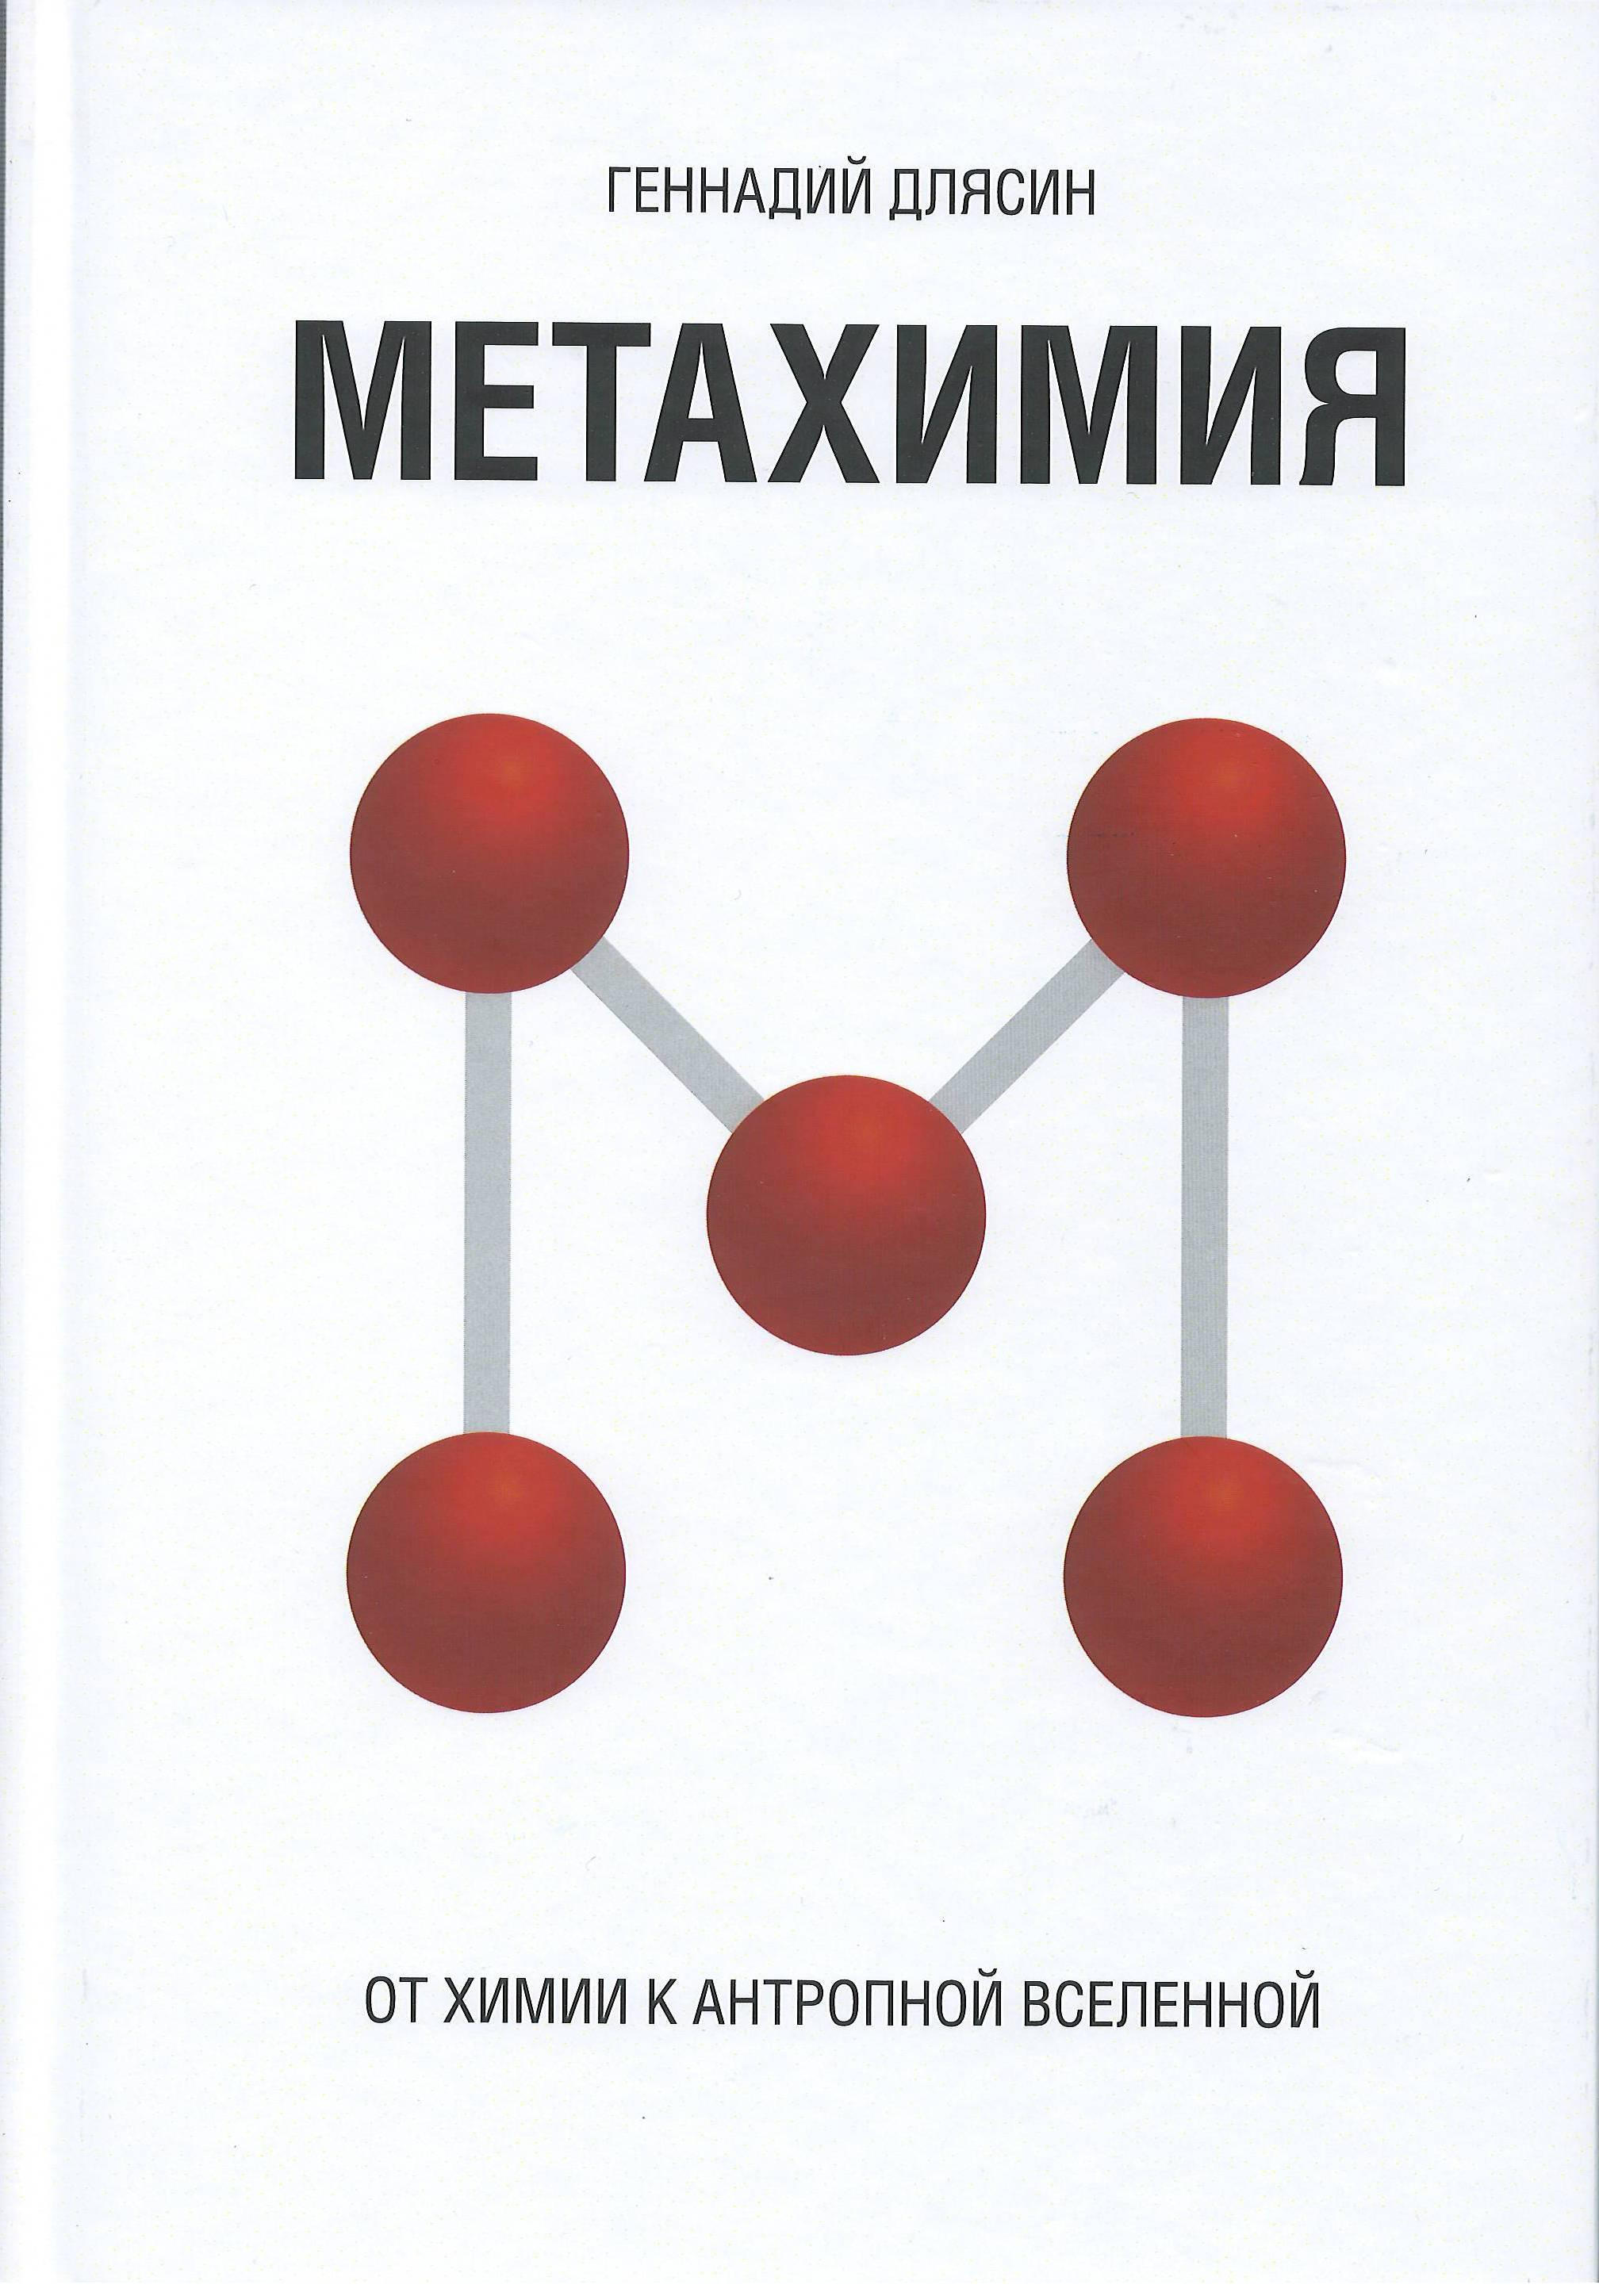 Метахимия. От химии к антропной Вселенной.